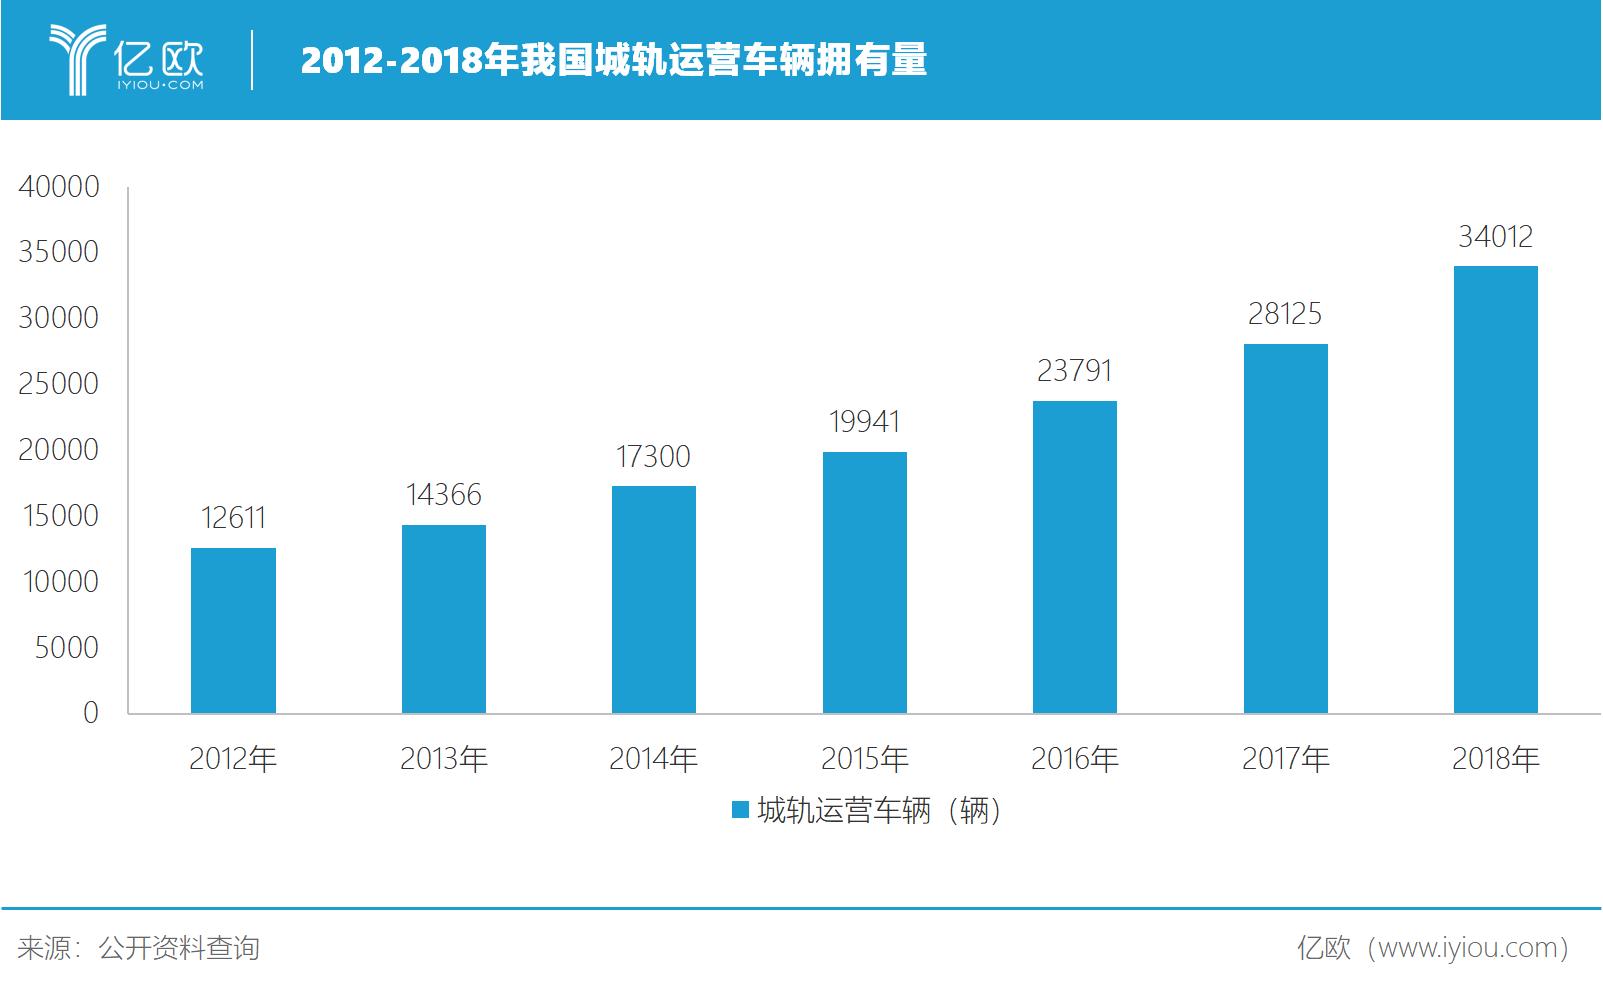 2012-2018年我国城轨运营车辆拥有量